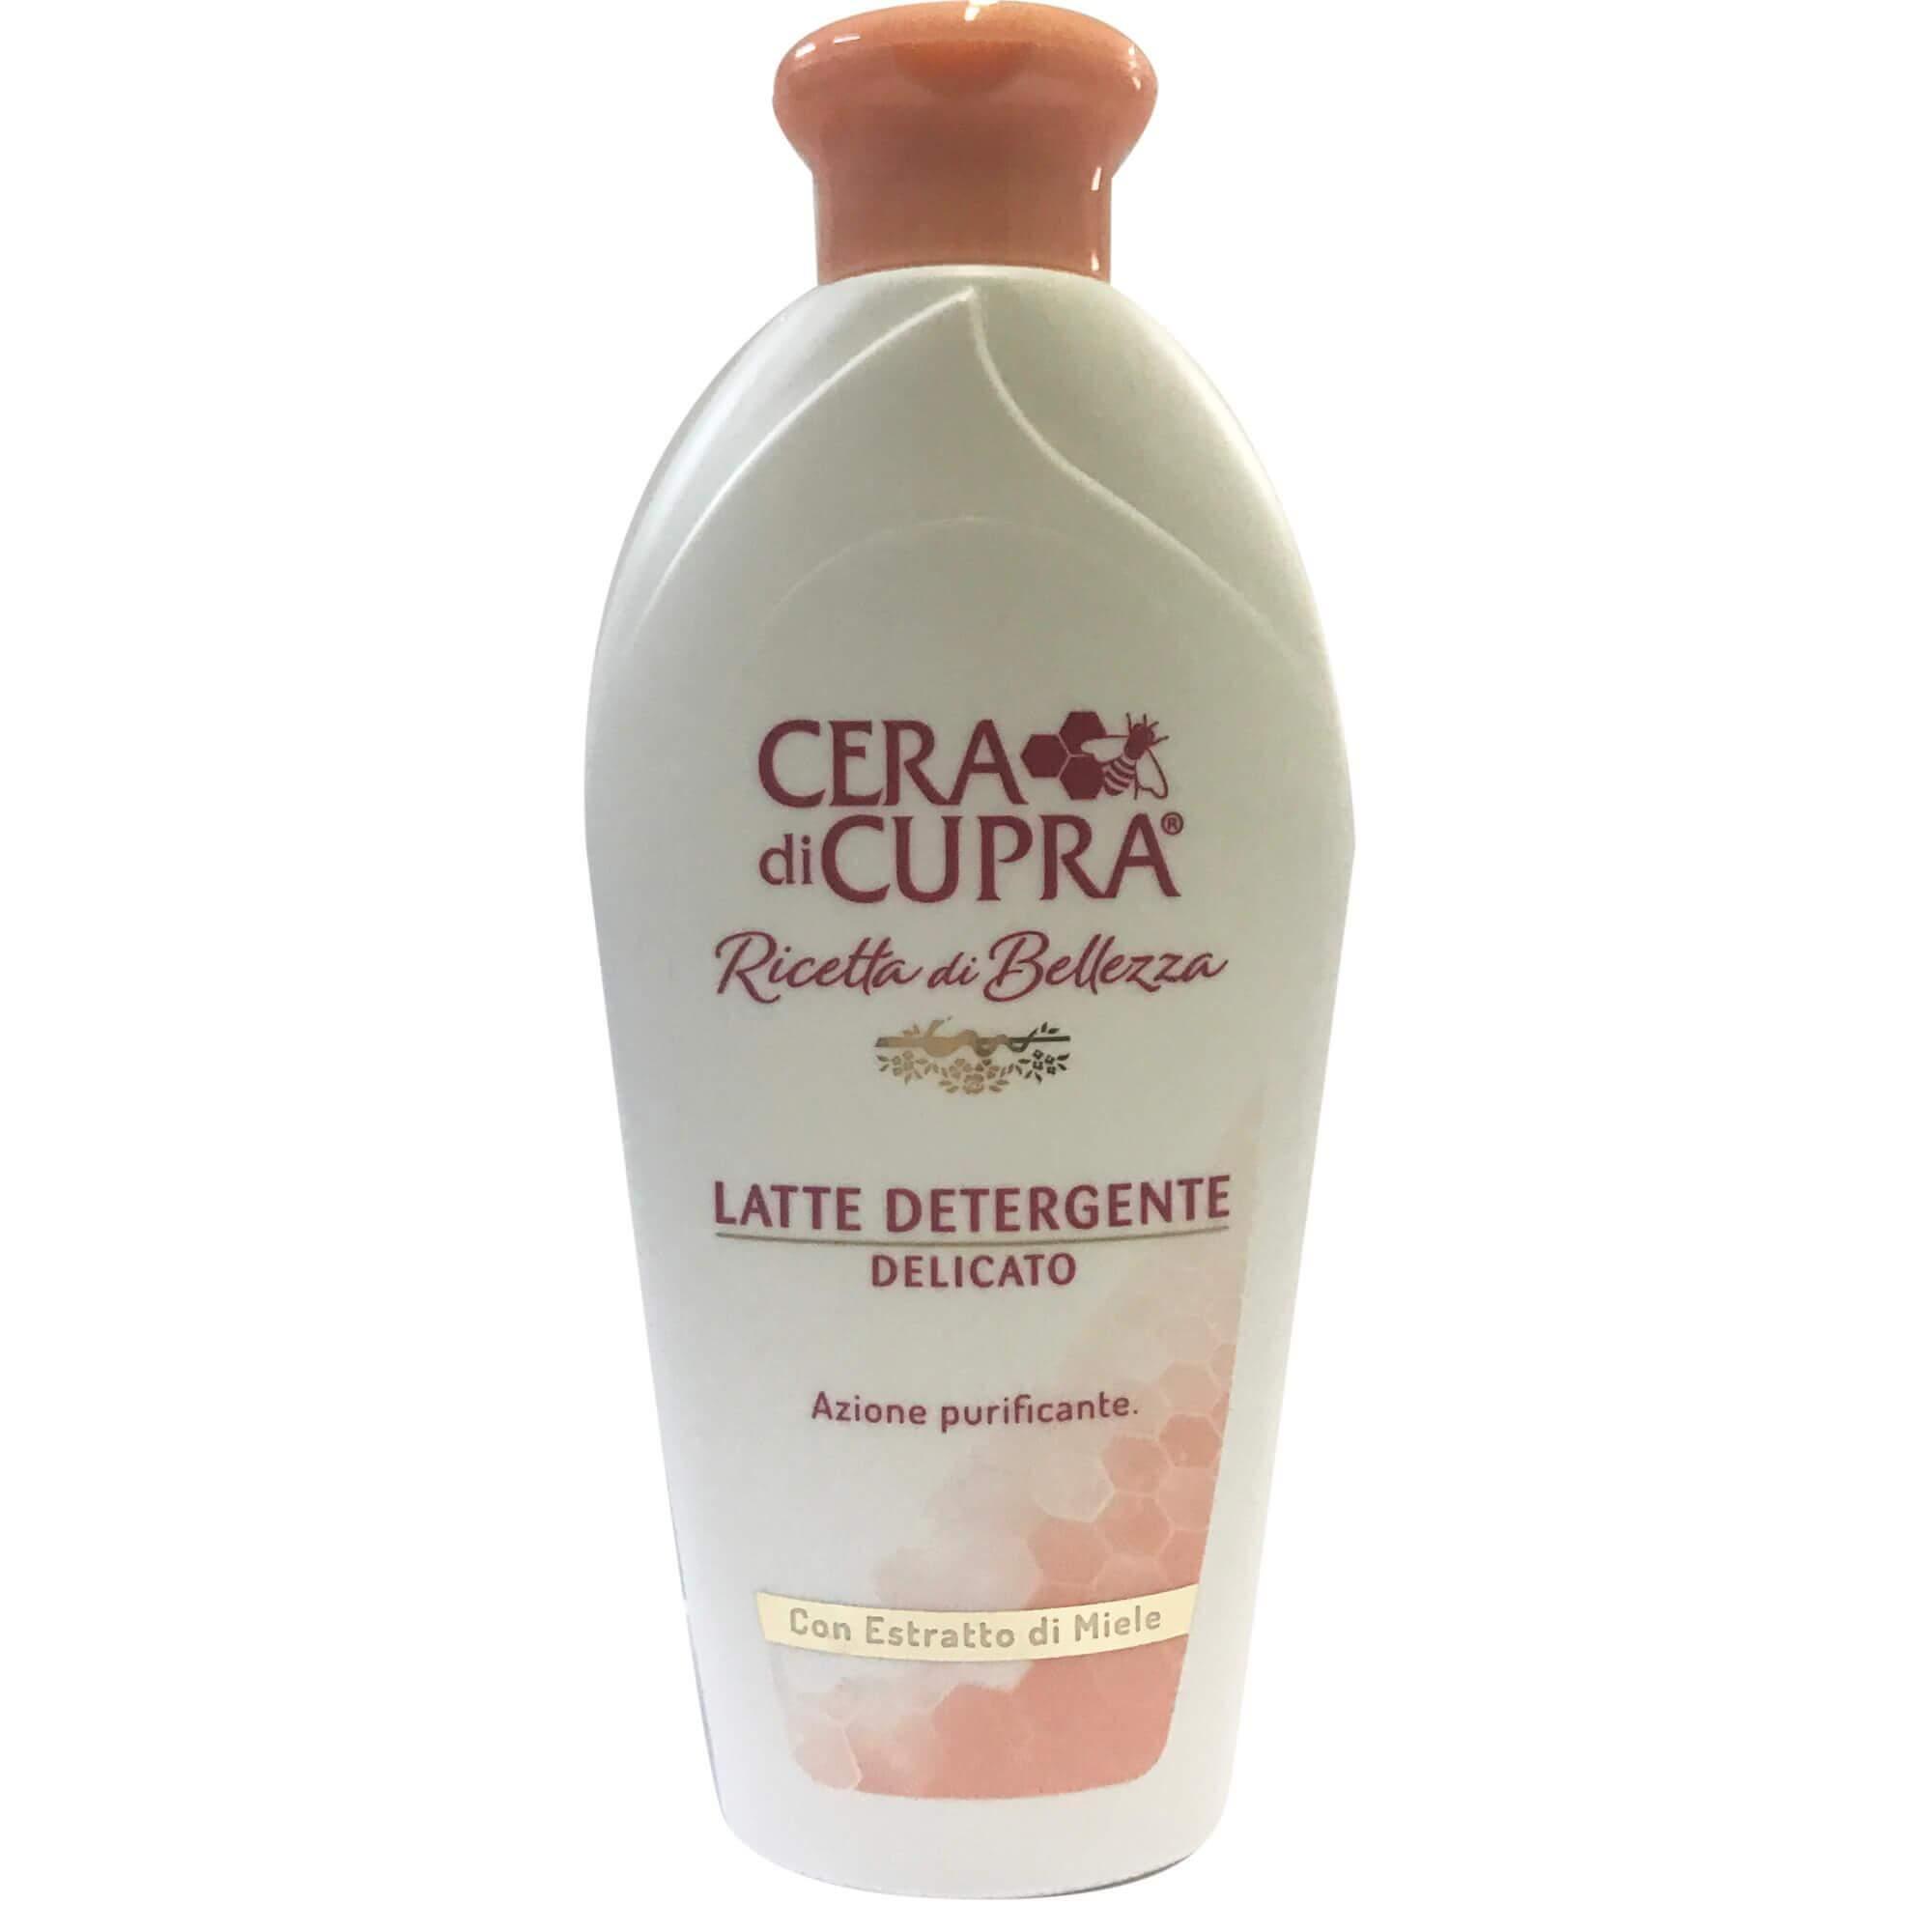 Cera di Cupra Ricetta di Bellezza LatteDetergente Καθαριστικό ΓαλάκτωμαΠροσώπου 200ml